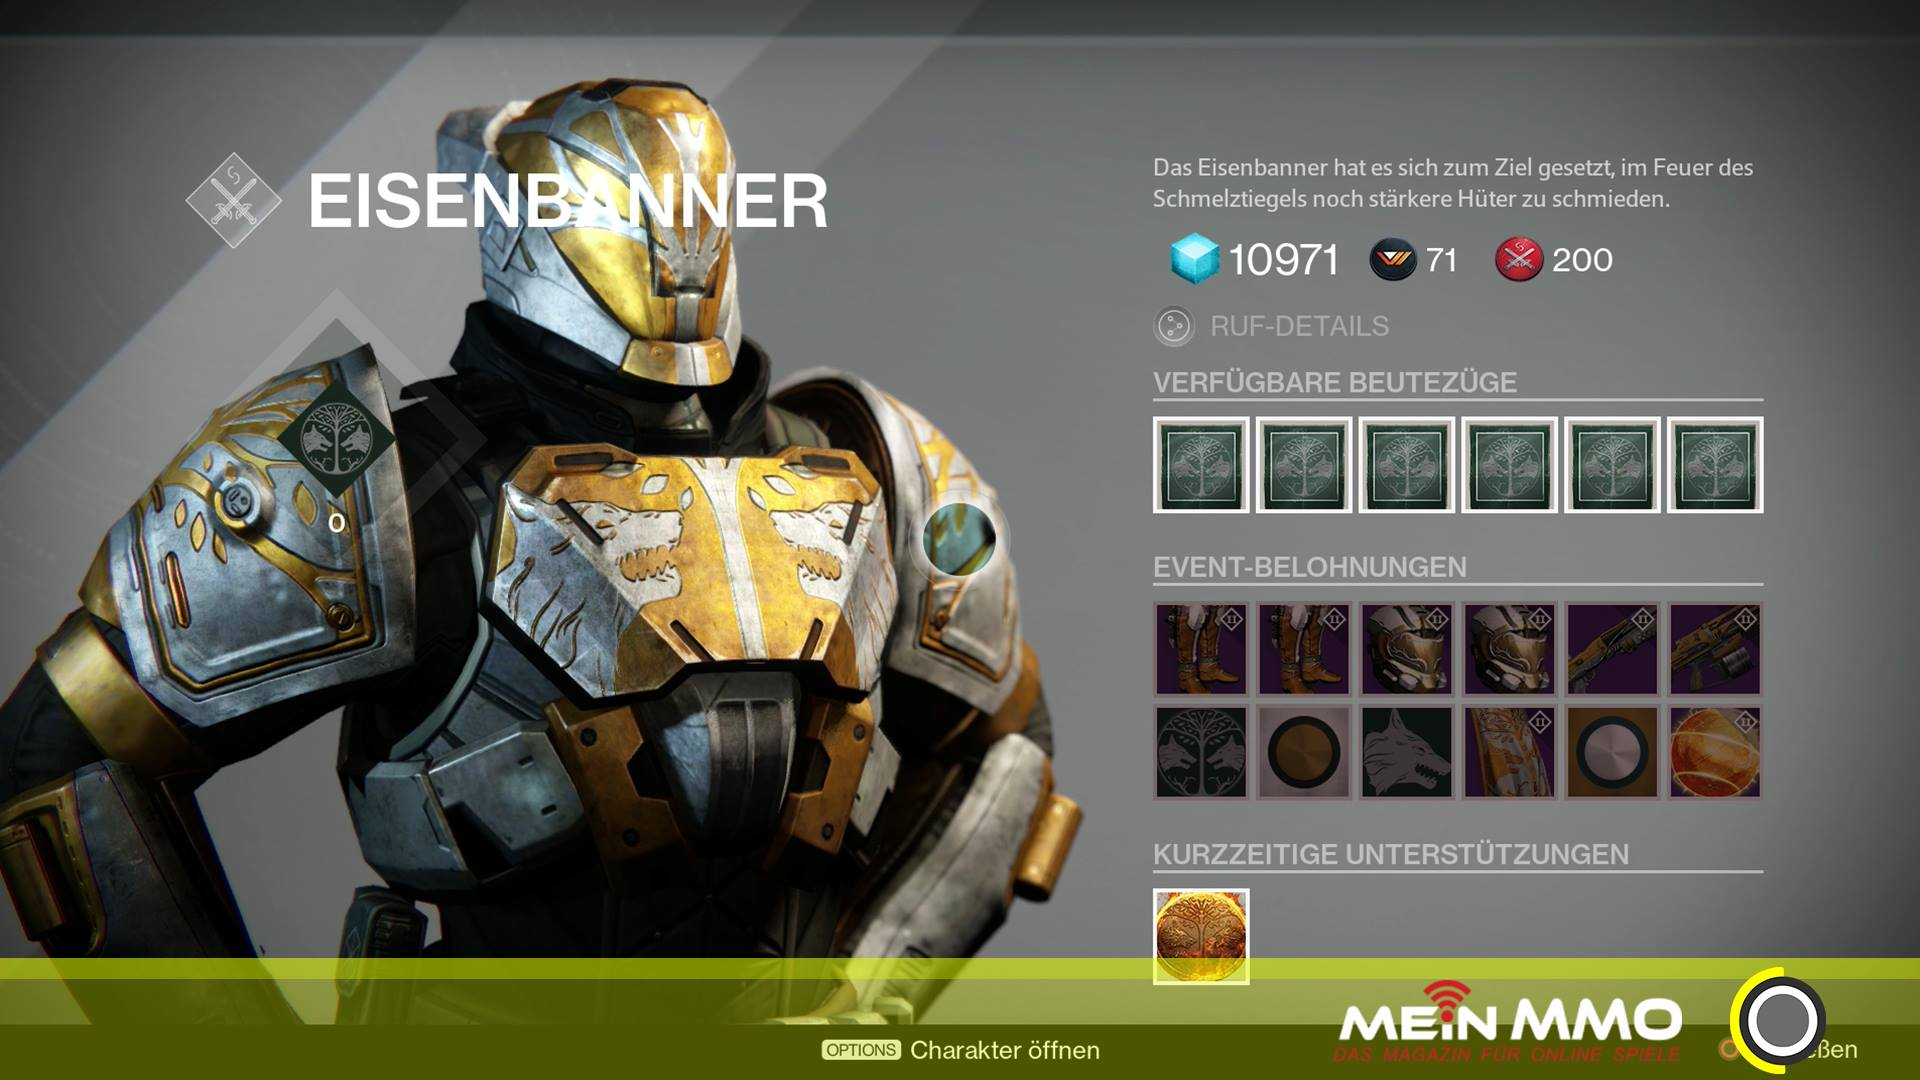 Destiny: Eisenbanner im August überraschend aktiv – das sind die Belohnungen